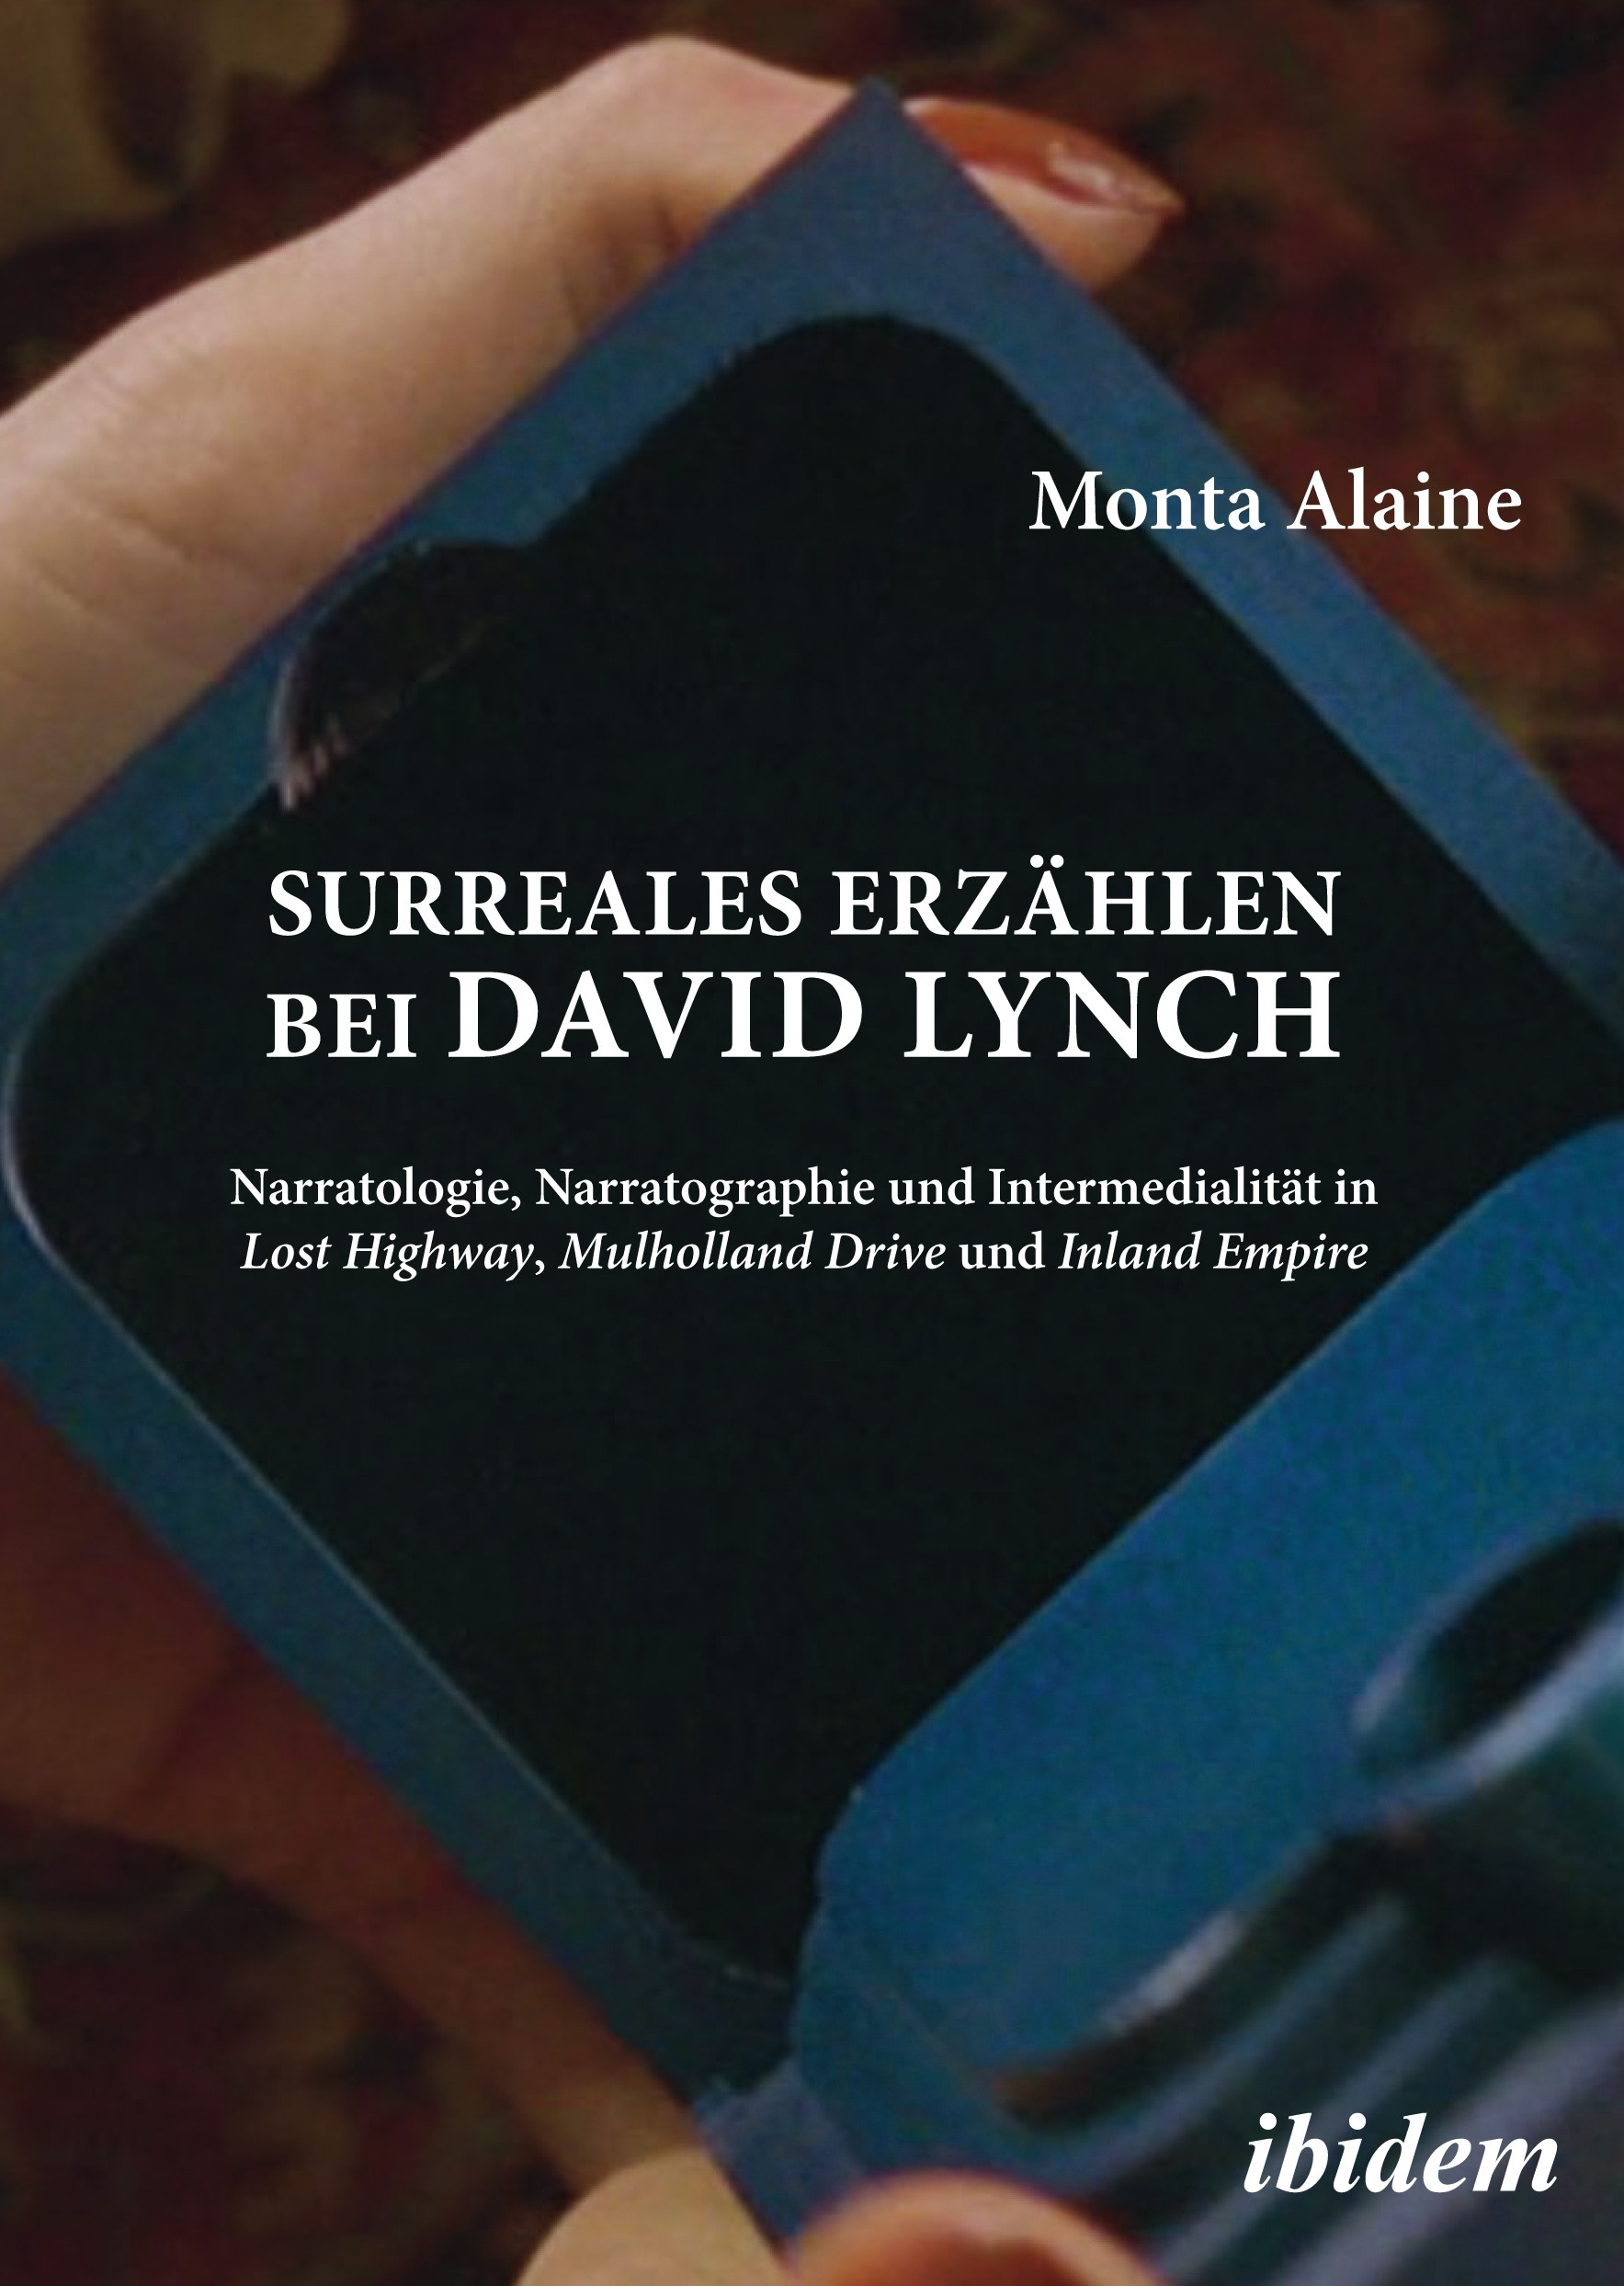 Surreales Erzählen bei David Lynch